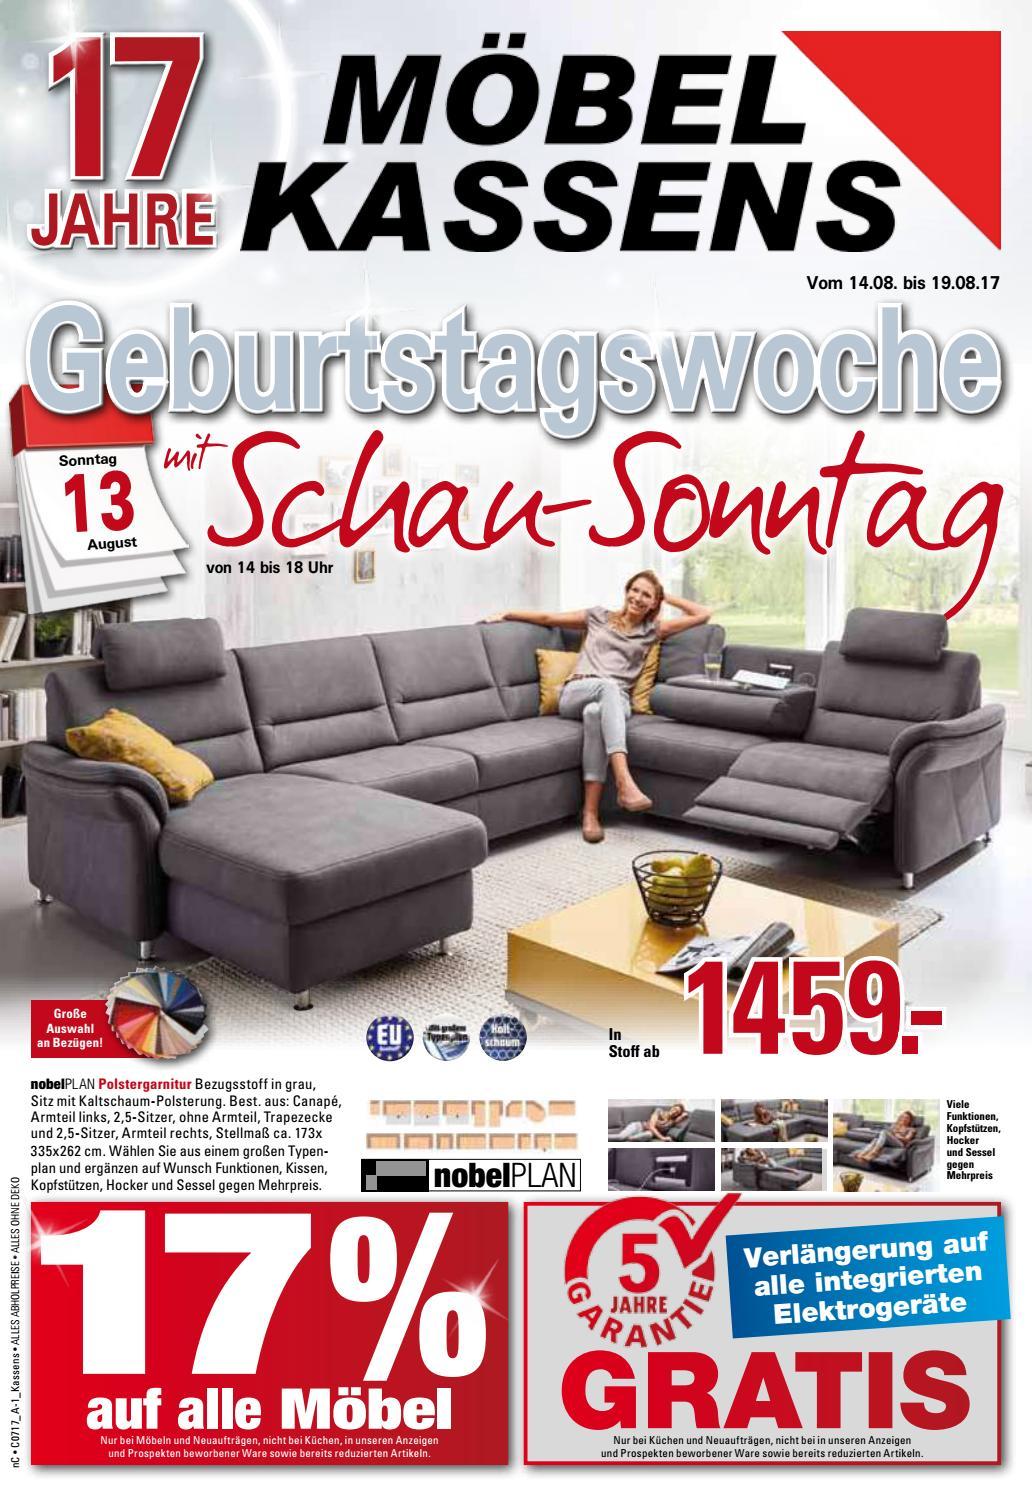 Möbel Kassens - 17 Jahre by Neue Osnabruecker Zeitung - issuu